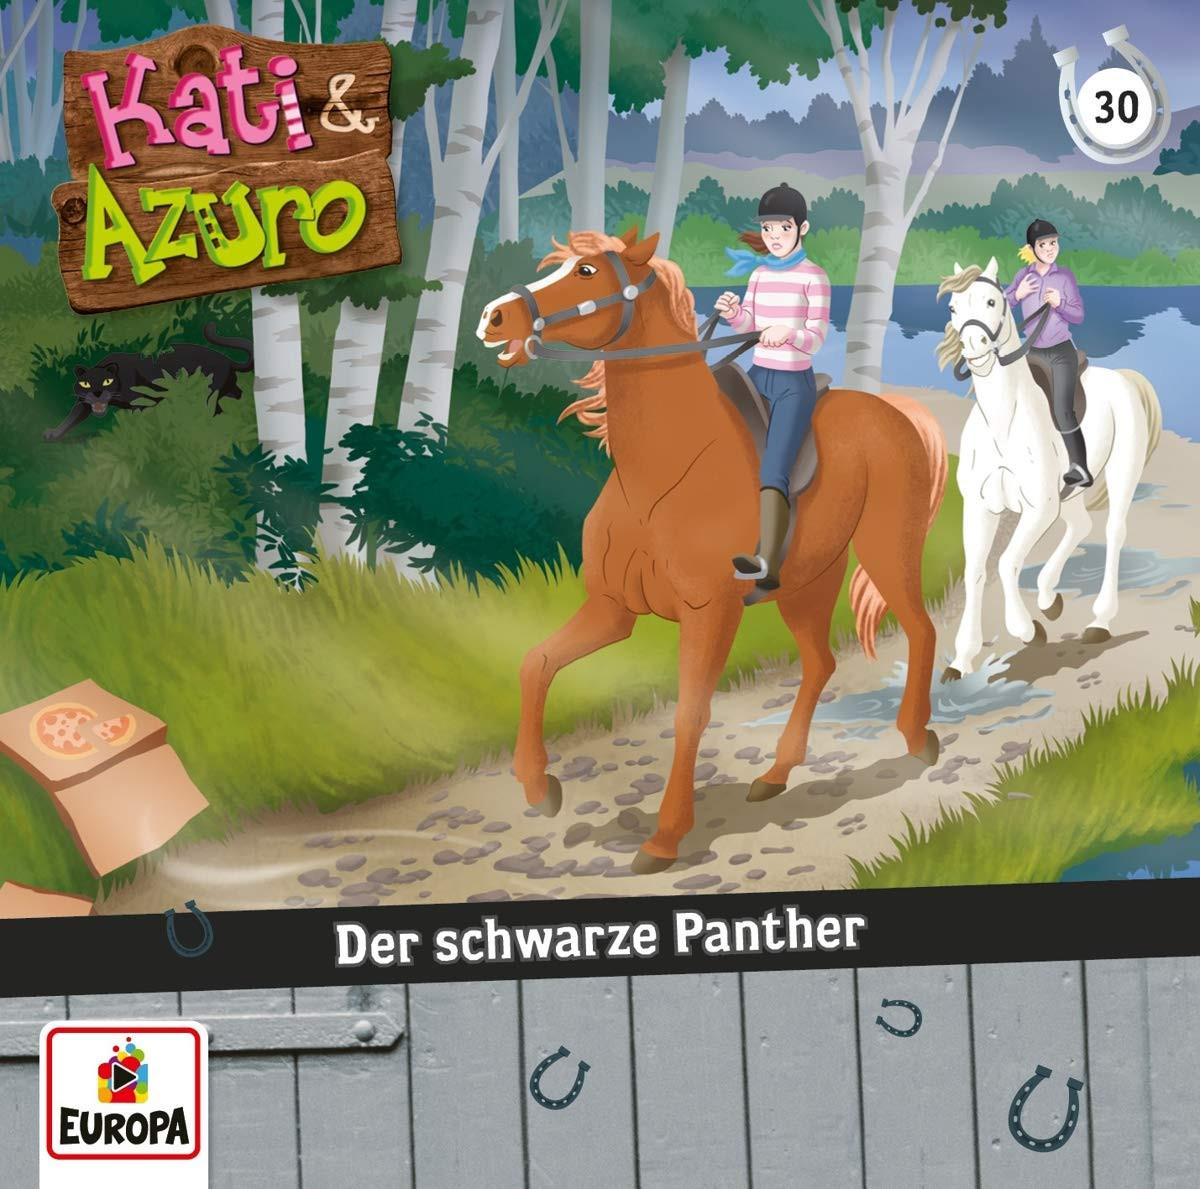 Kati & Azuro - Folge 33: Der schwarze Panther